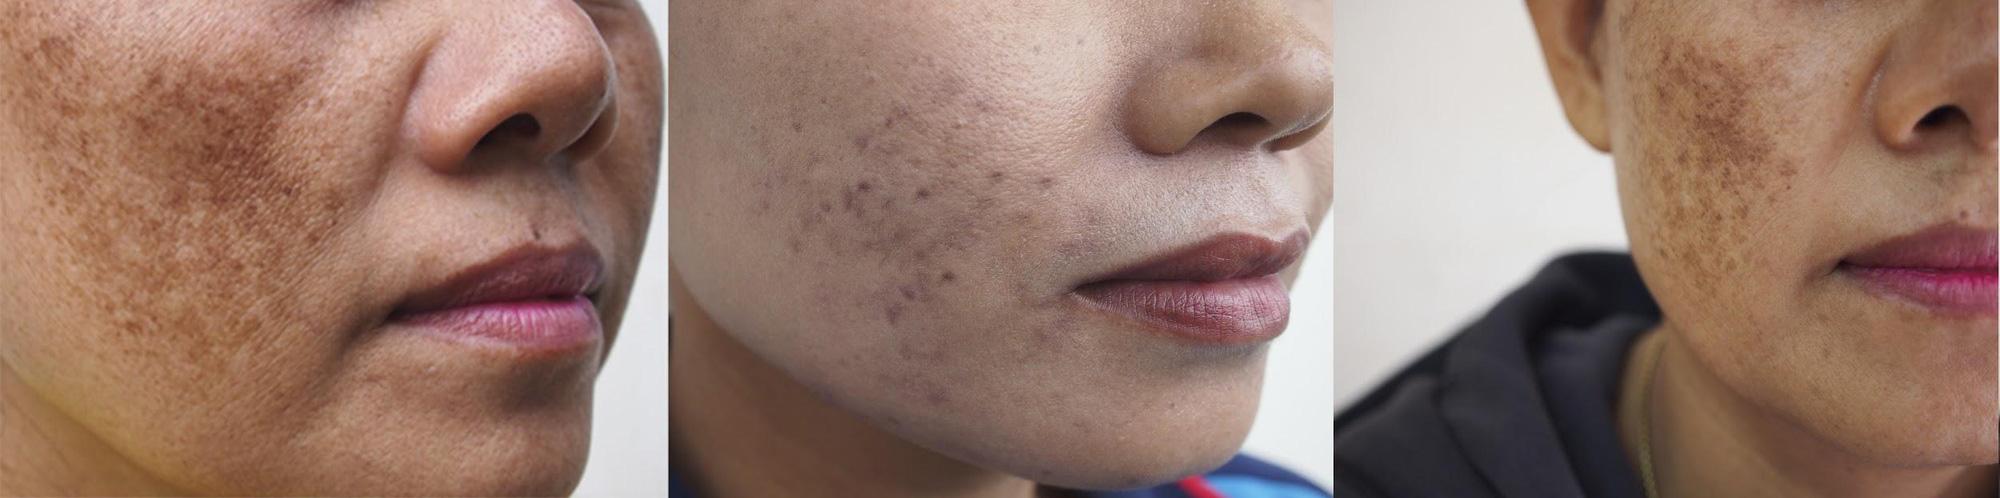 Hiểu đúng nám da để giảm nám an toàn và hiệu quả - Hình 2